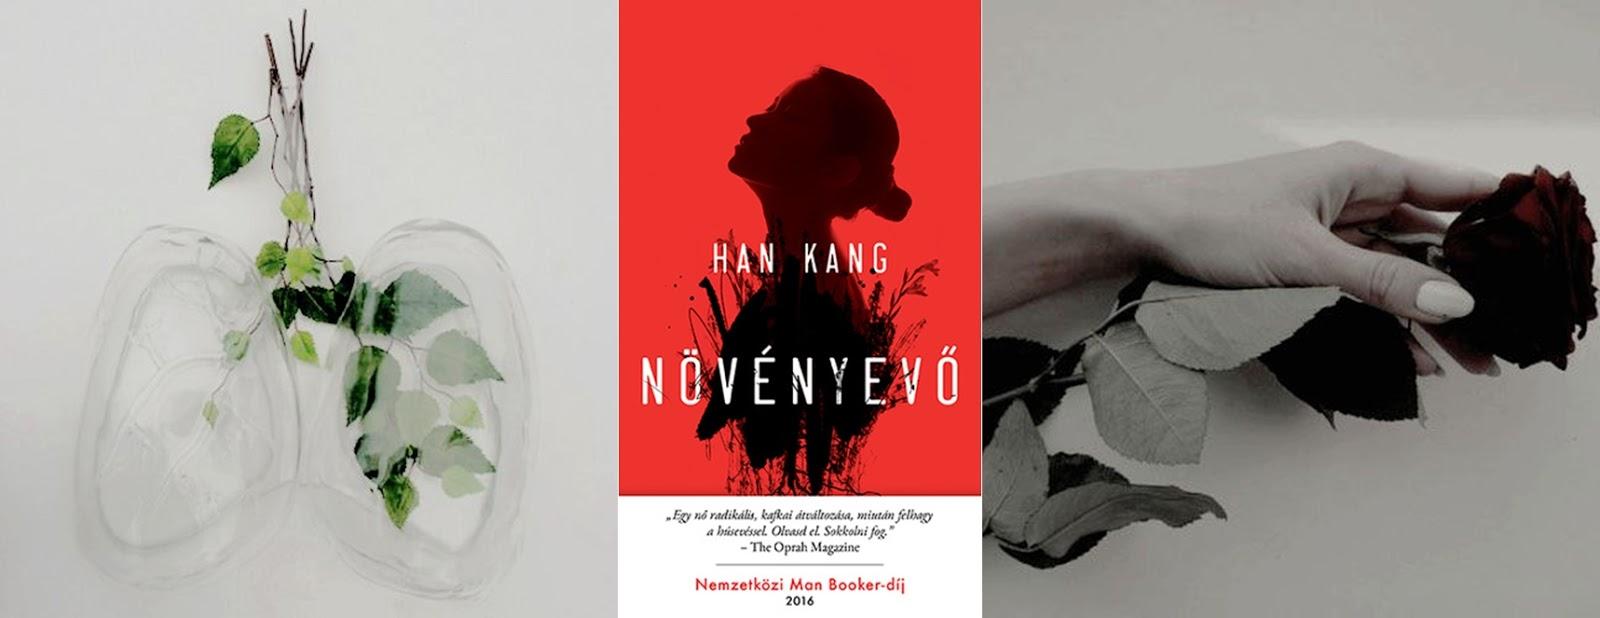 bb31ff6dd5 Han Kang regénye volt az idei első olvasmányom és mindenképp megalapozta az  évem. Nagyon mély hatással volt rám, kellett is hozzá jó pár nap, ...